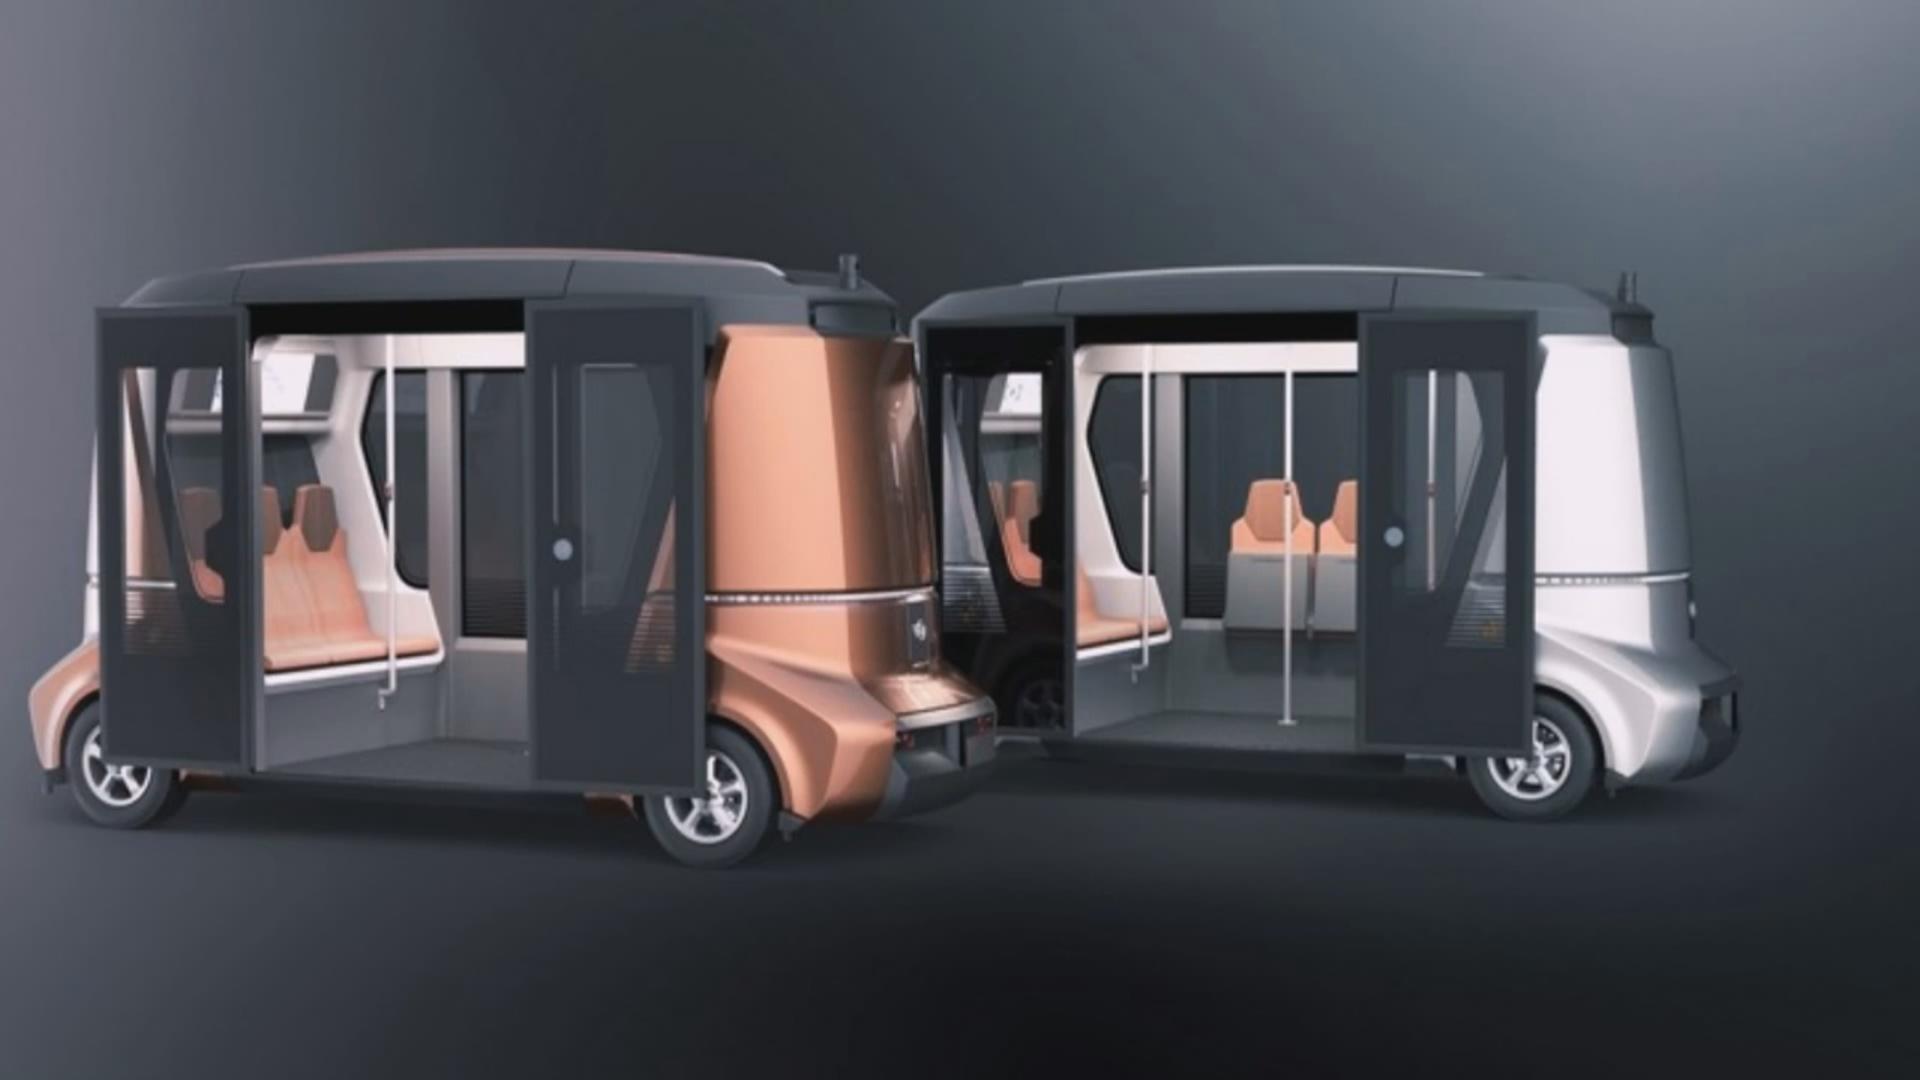 Elektrik enerjisi ilə işləyən sürücüsüz avtobuslar sınaqdan keçirilir